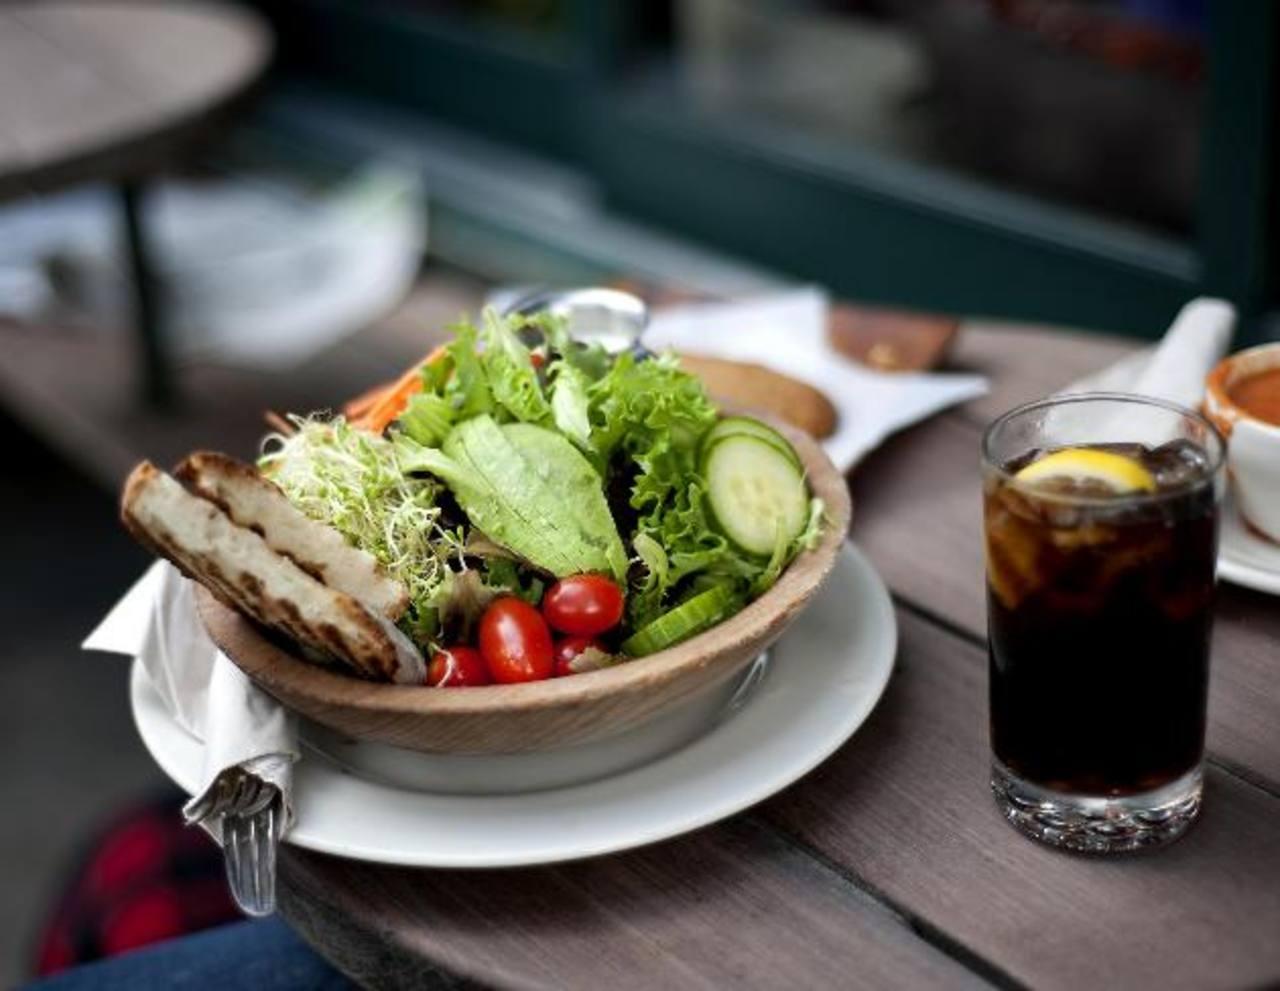 Las frutas son excelentes fuentes de vitaminas y antioxidantes, las carnes y lácteos de minerales y proteínas, y los cereales y tubérculos son fuentes de vitaminas y fibra.